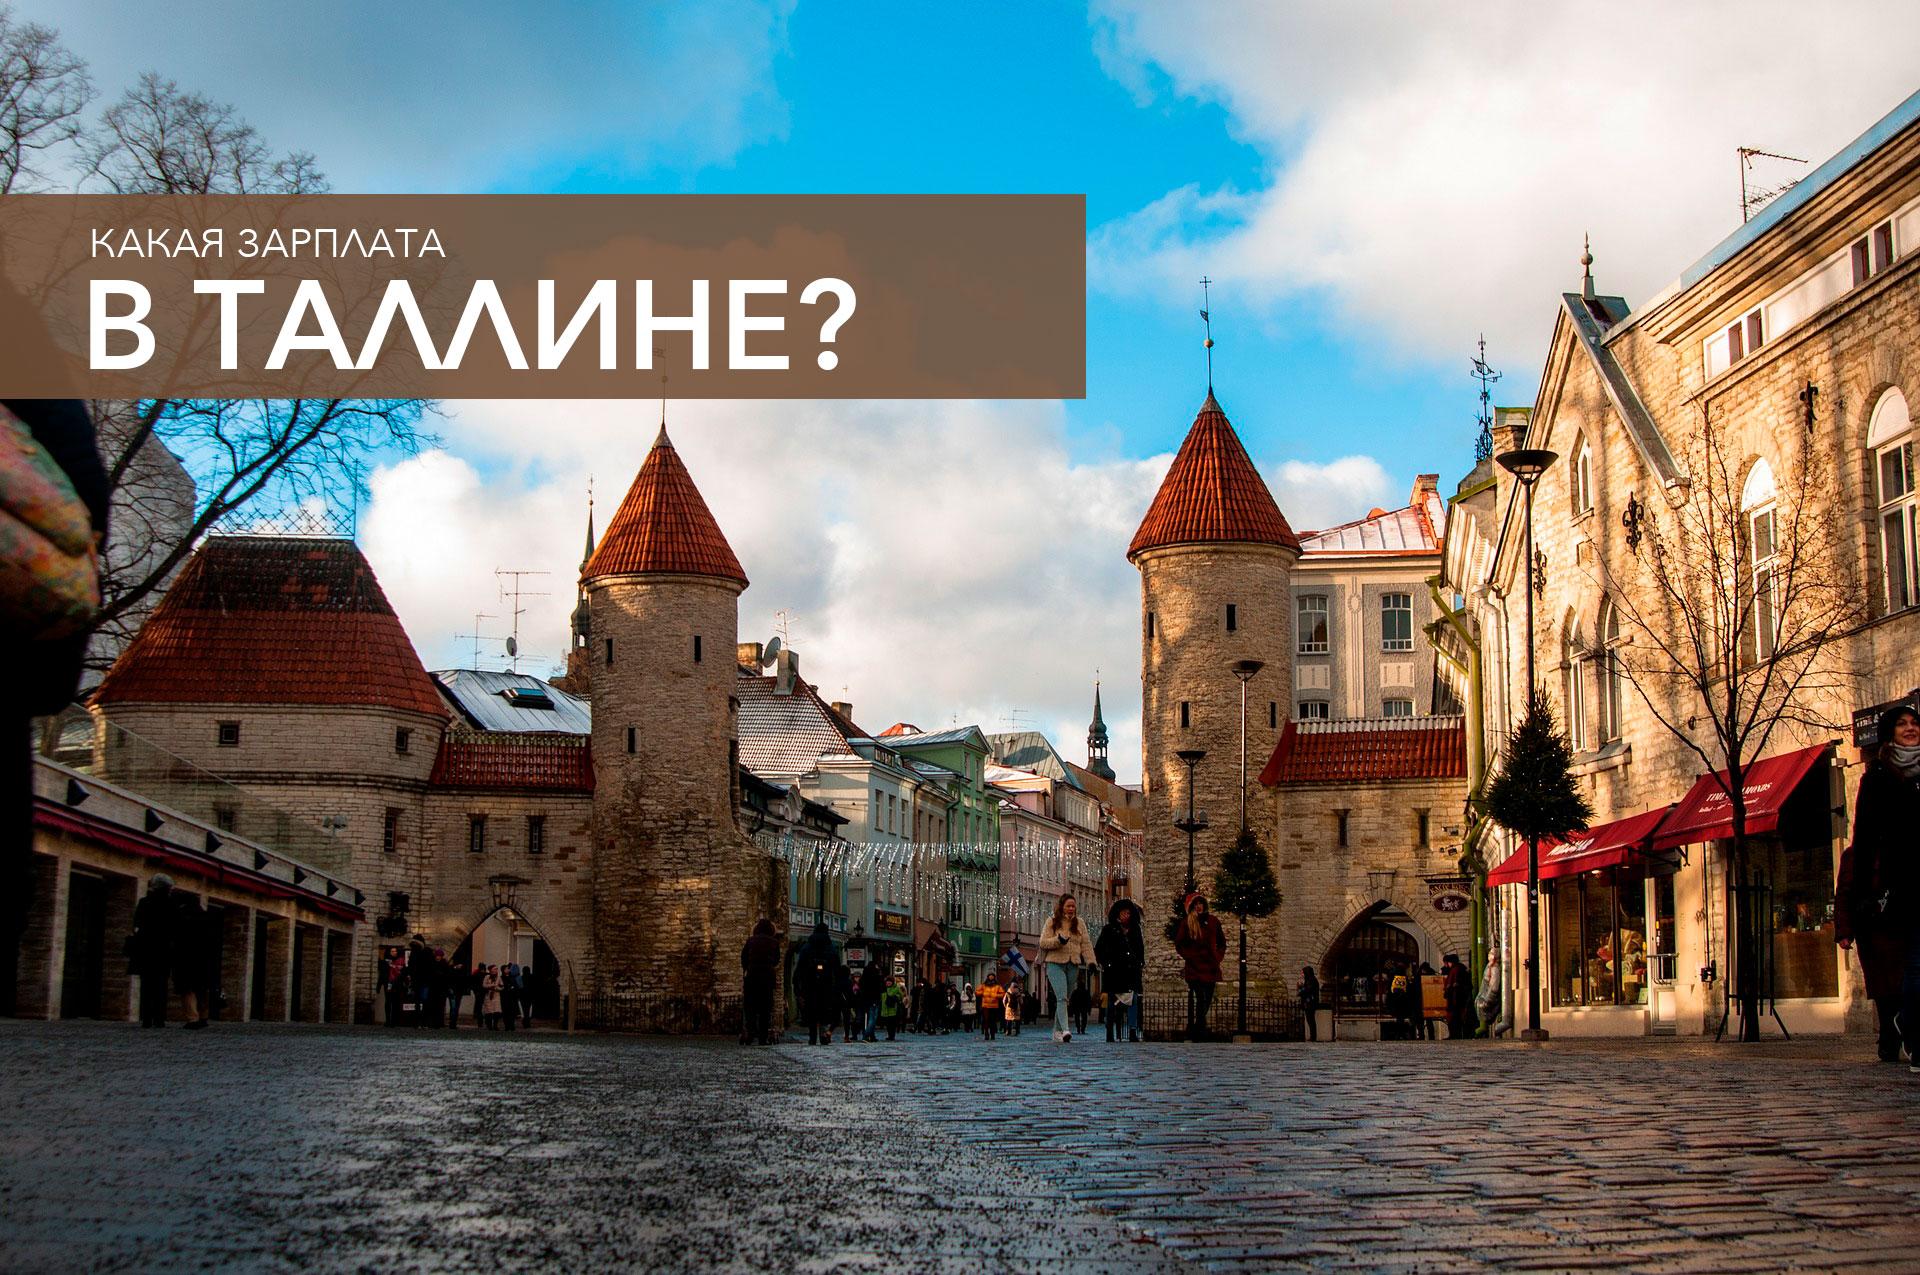 Зарплата в Эстонии, Таллине и уровень жизни